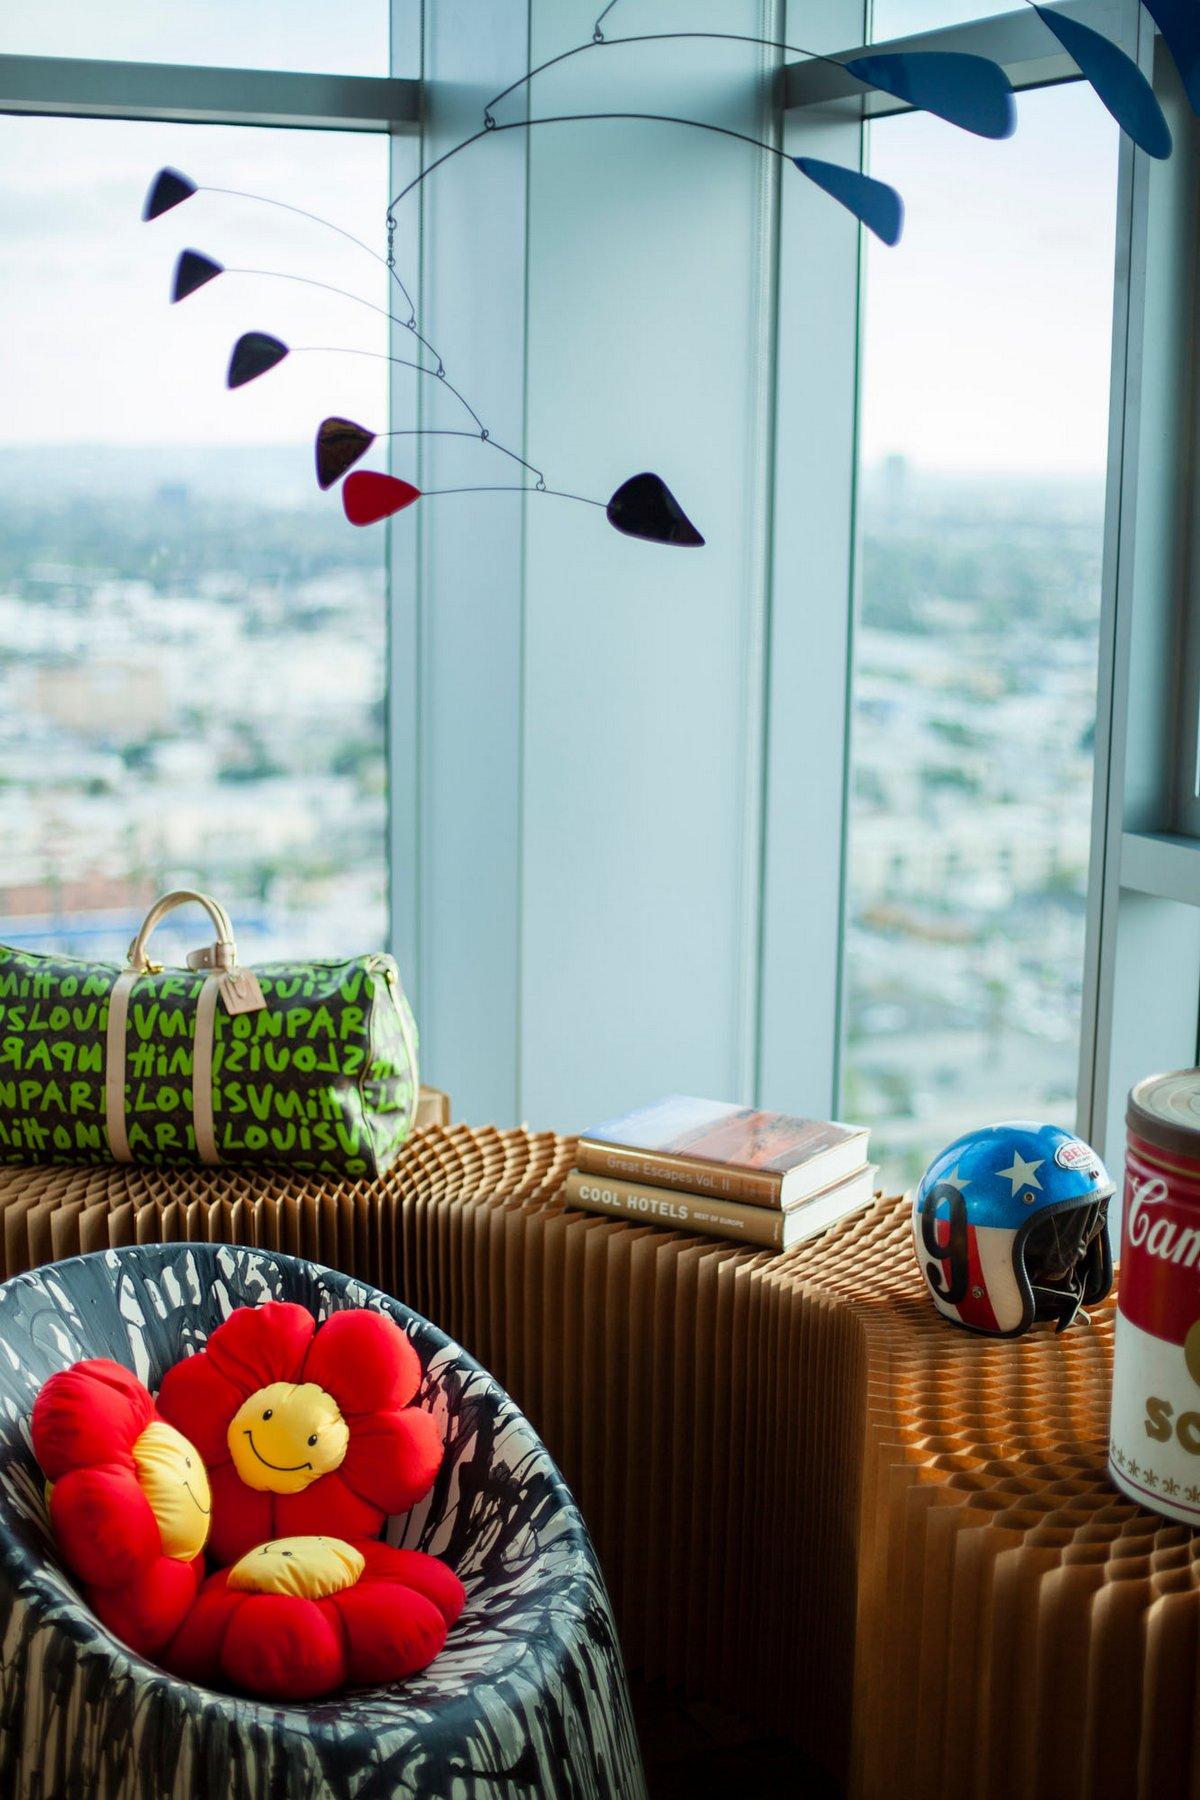 пентхаус High Rise, Максим Жаке, Maxime Jacquet, пентхаус в Лос-Анджелесе, пентхаус в Калифорнии, пентхаус с видом на город, творческий интерьер